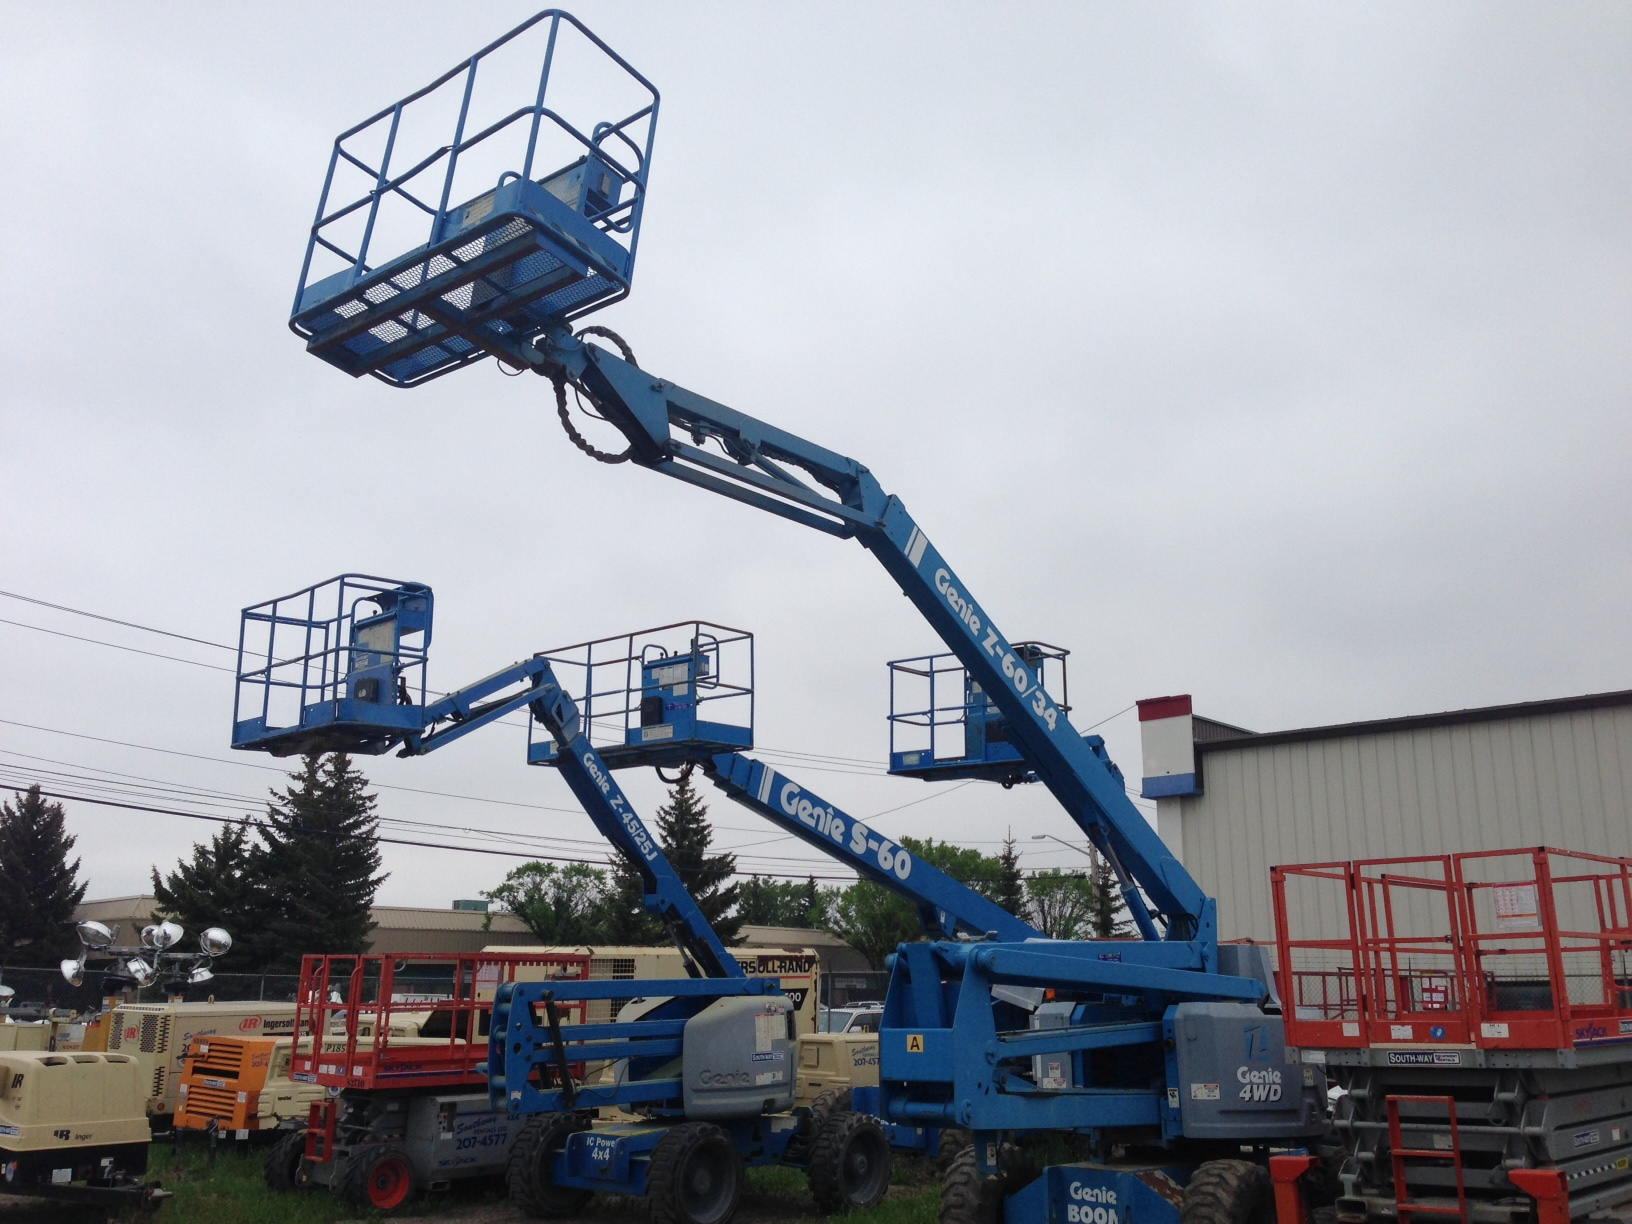 South-Way Equipment Rentals Ltd - General Rental Service - 403-207-4577